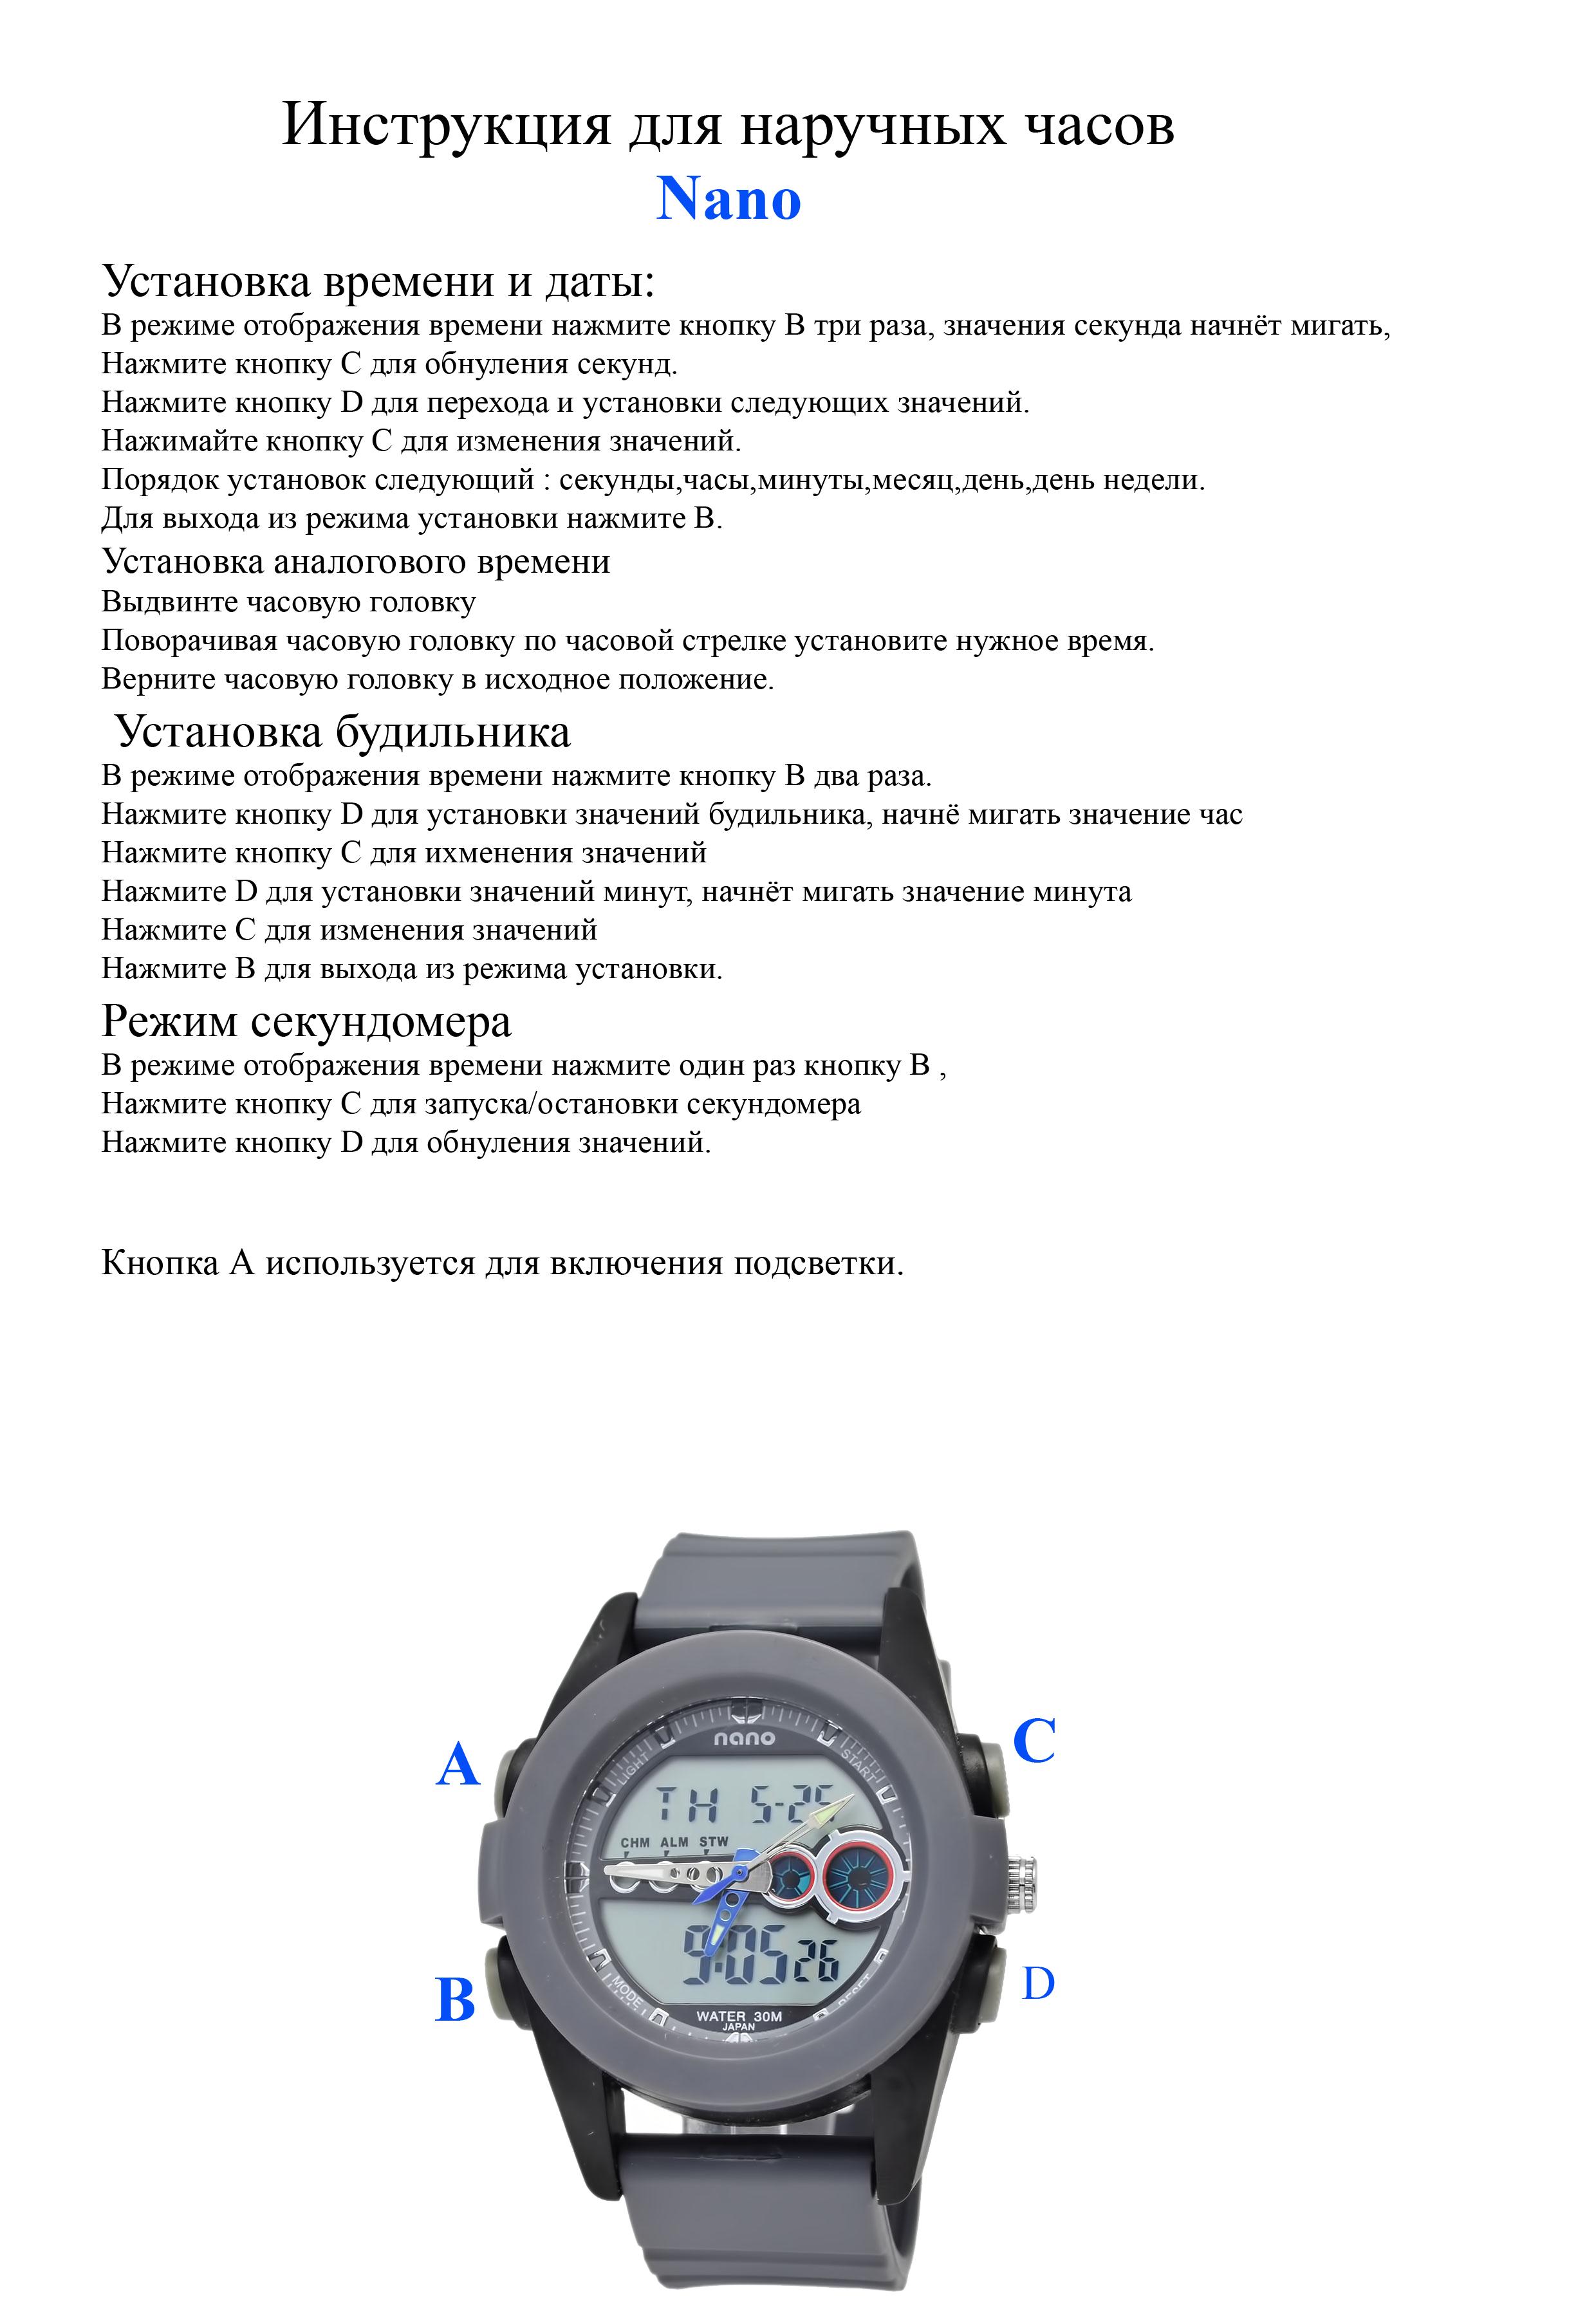 часы amst am 3003 инструкция данные